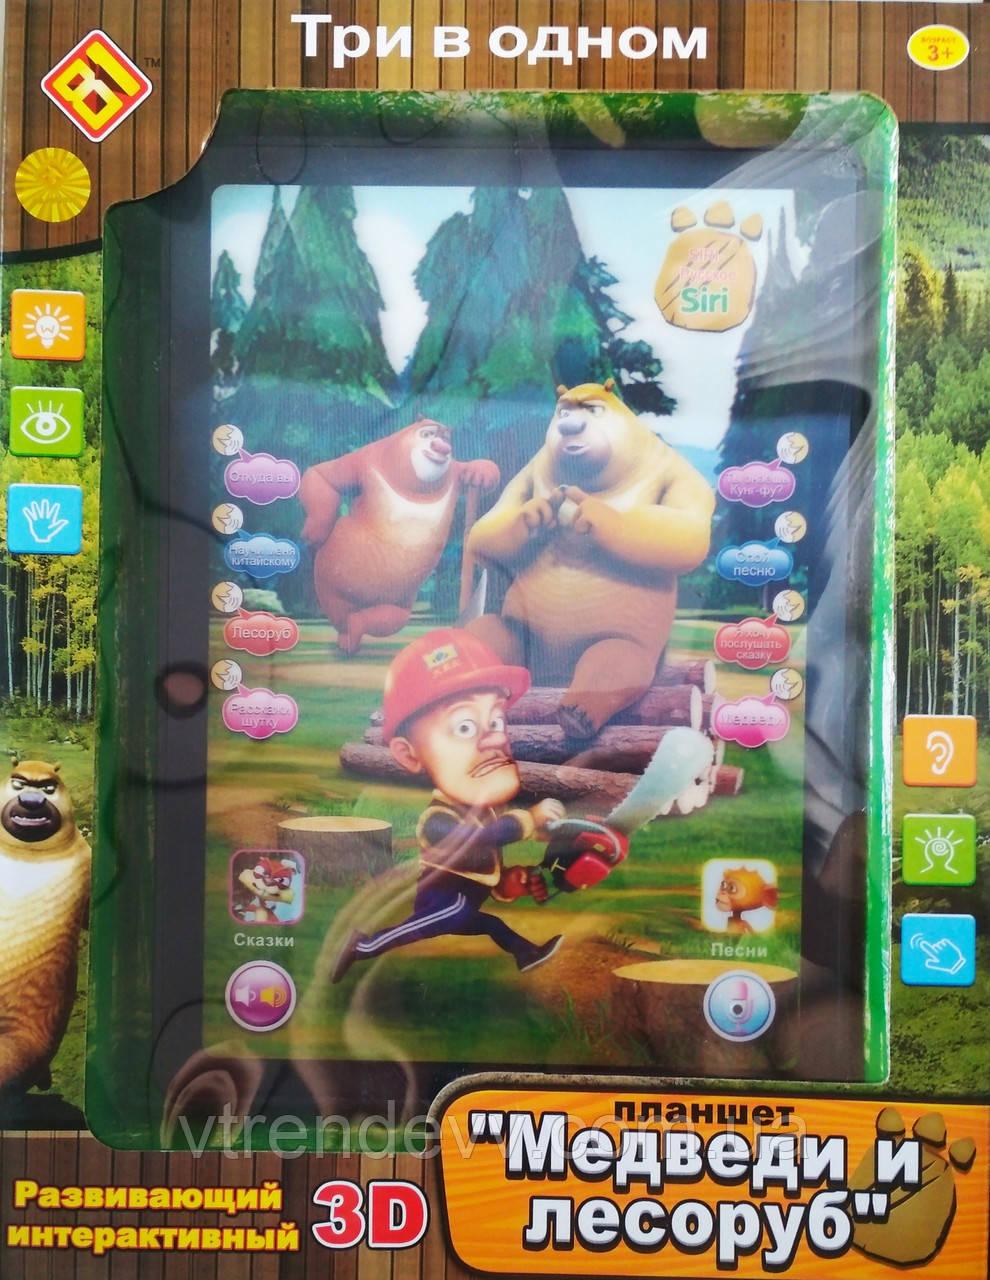 Планшет интерактивный Медведи и лесоруб 3D 3 в 1